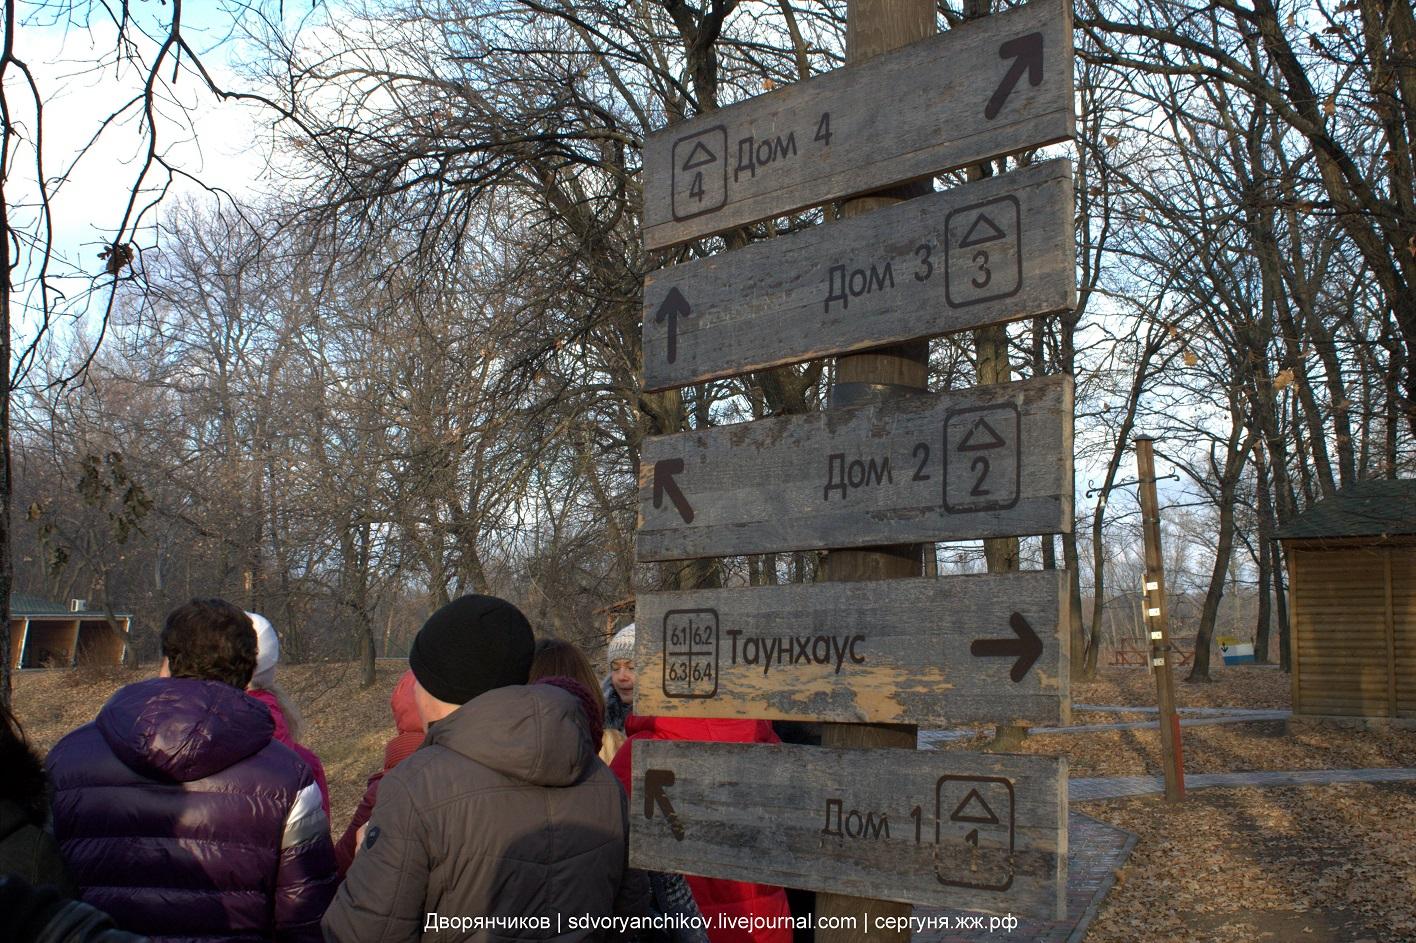 Парк Дубровский - указатель Дом-1 Дом-2 Дом-3 Дом-4